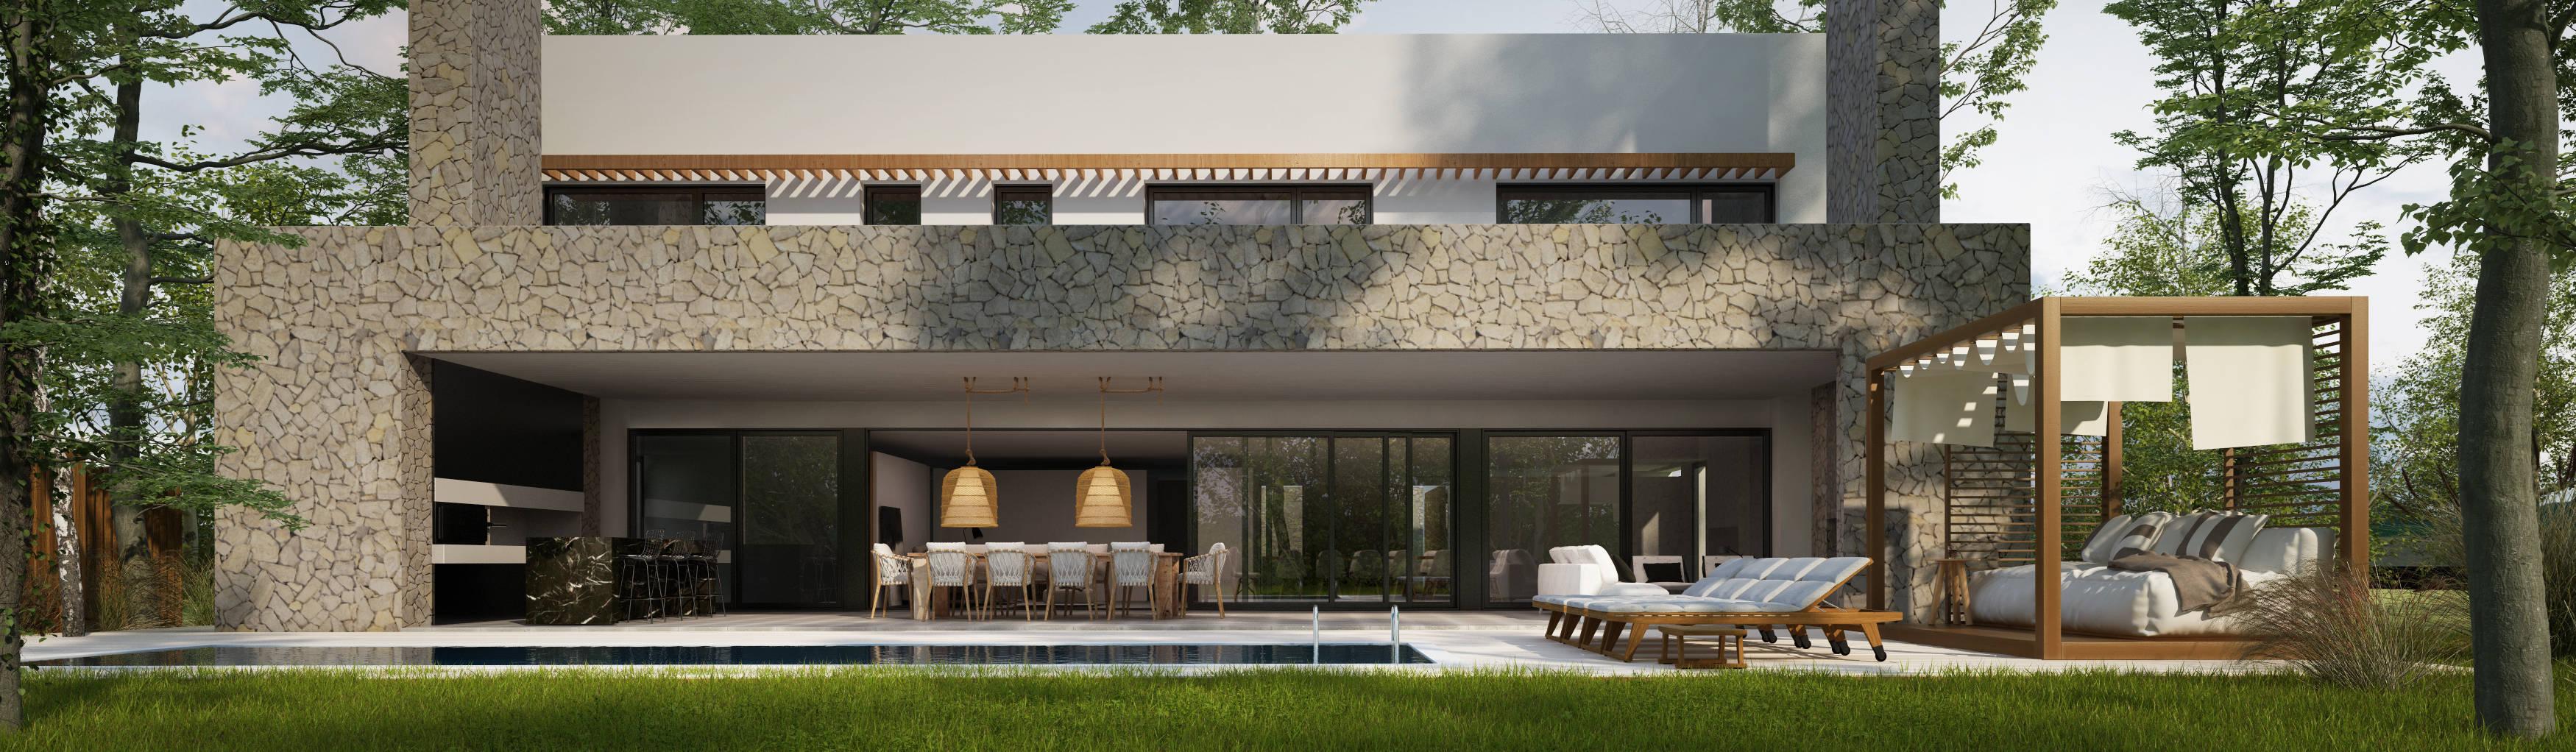 Ramirez Arquitectura